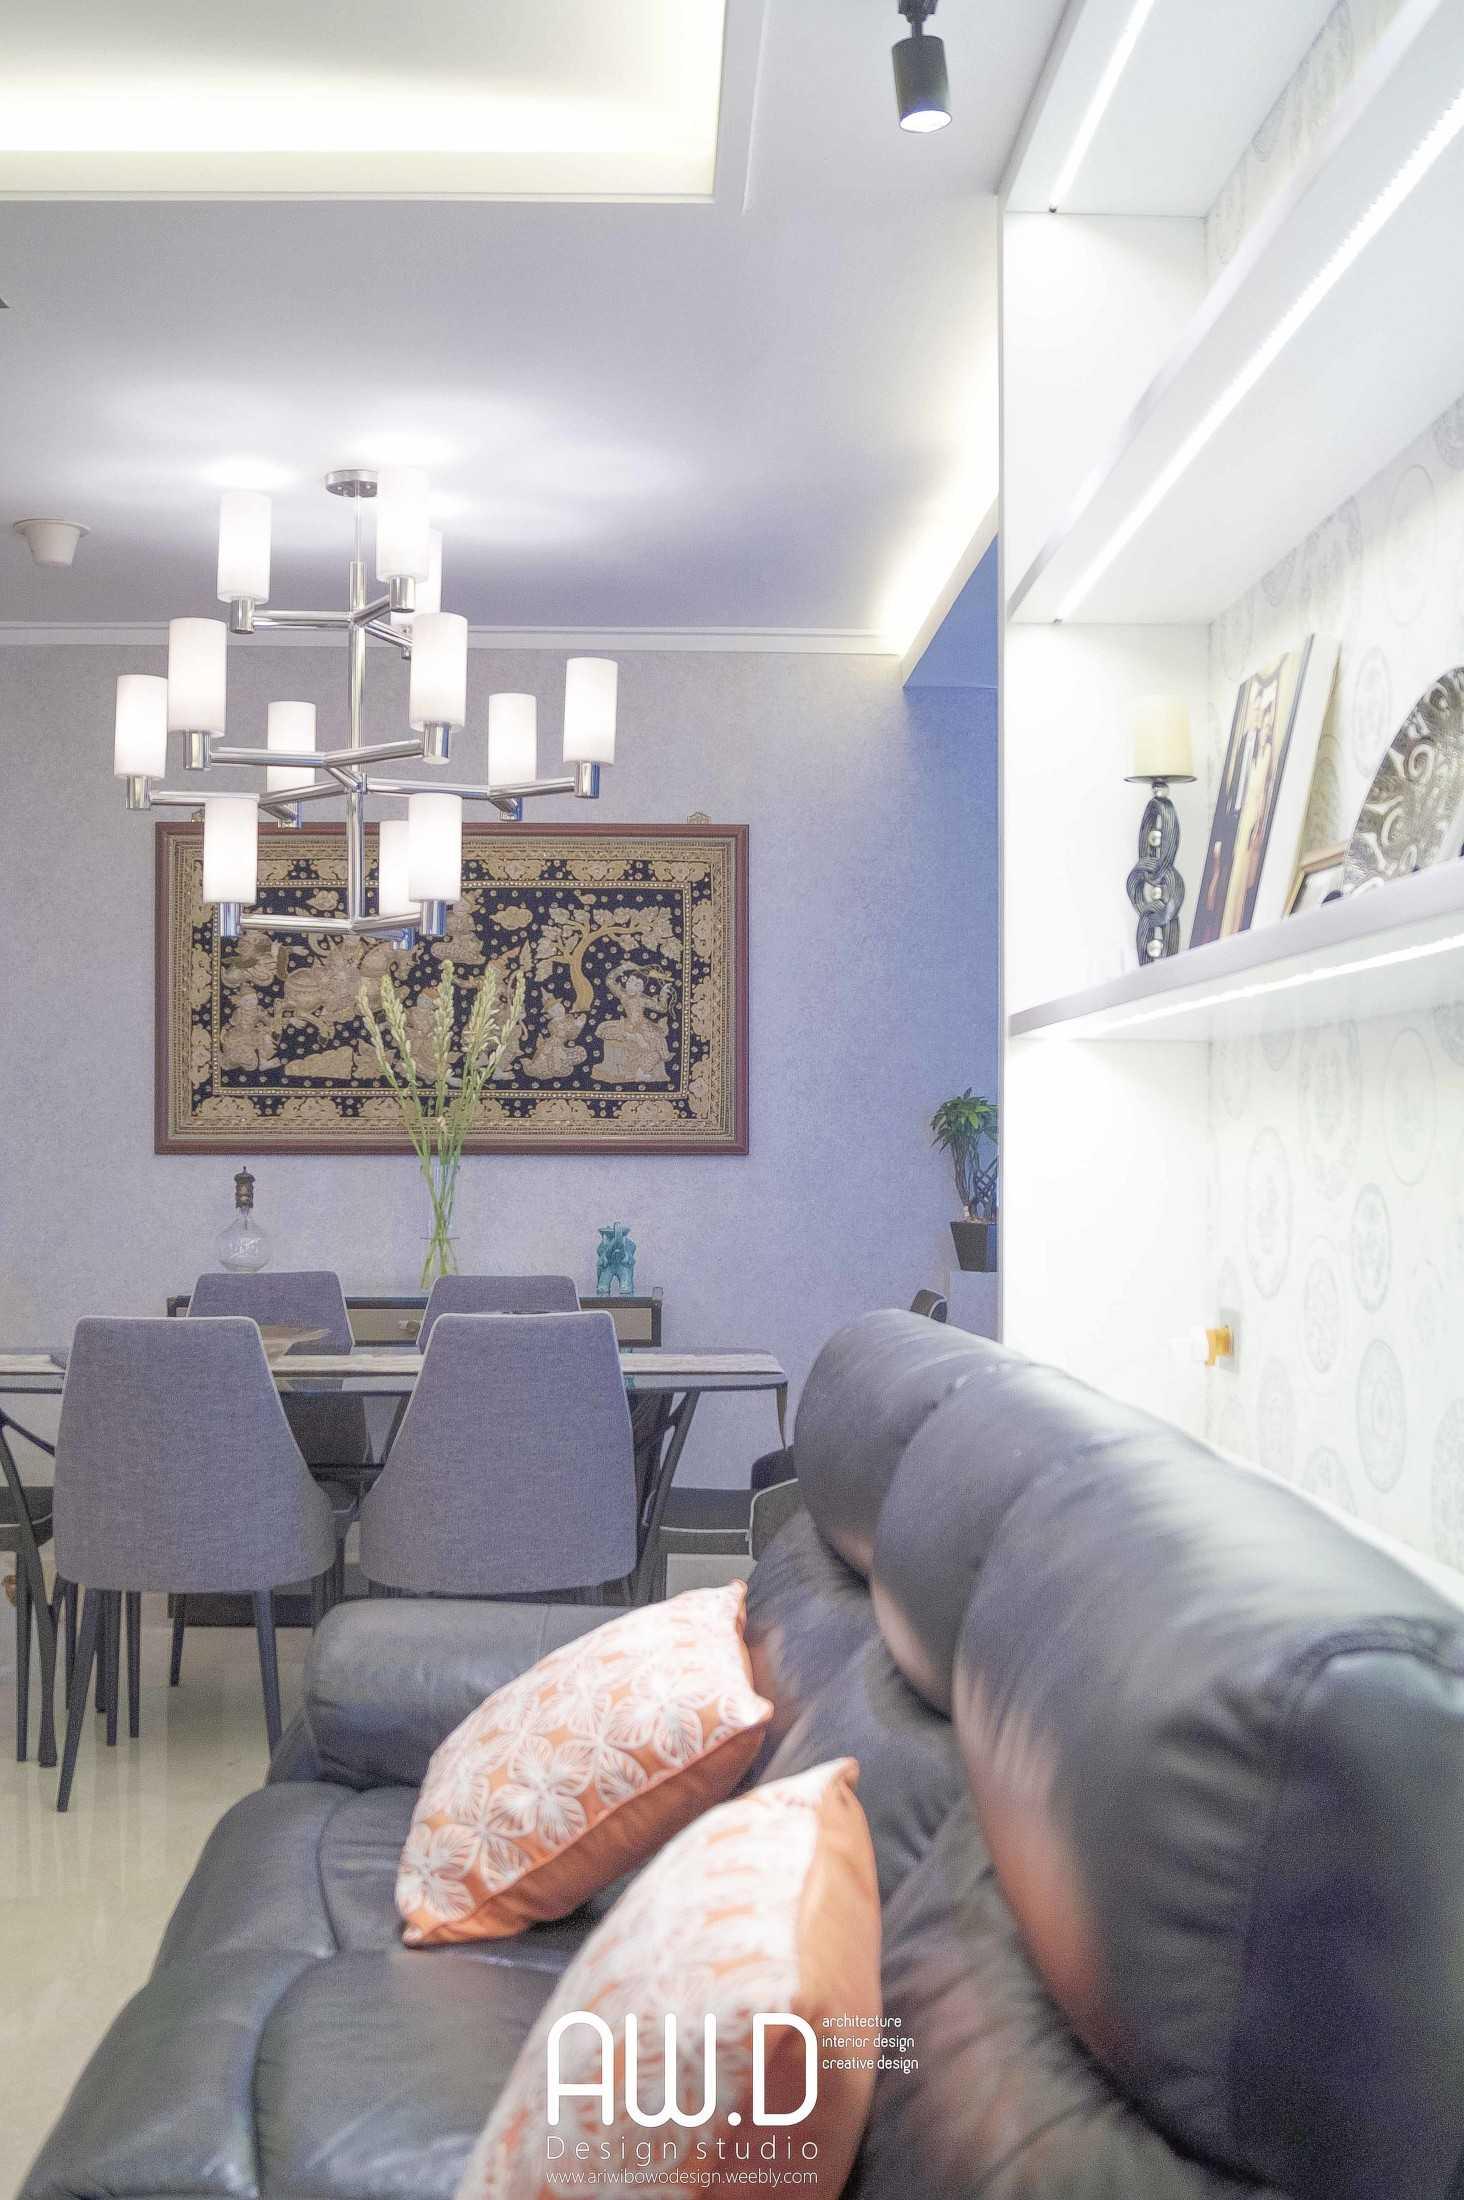 Ari Wibowo Design (Aw.d) Permata Hijau Residence (Phs) Jakarta Selatan, Kota Jakarta Selatan, Daerah Khusus Ibukota Jakarta, Indonesia Jakarta Selatan, Kota Jakarta Selatan, Daerah Khusus Ibukota Jakarta, Indonesia Ari-Wibowo-Design-Awd-Permata-Hijau-Residence-Phs  58867